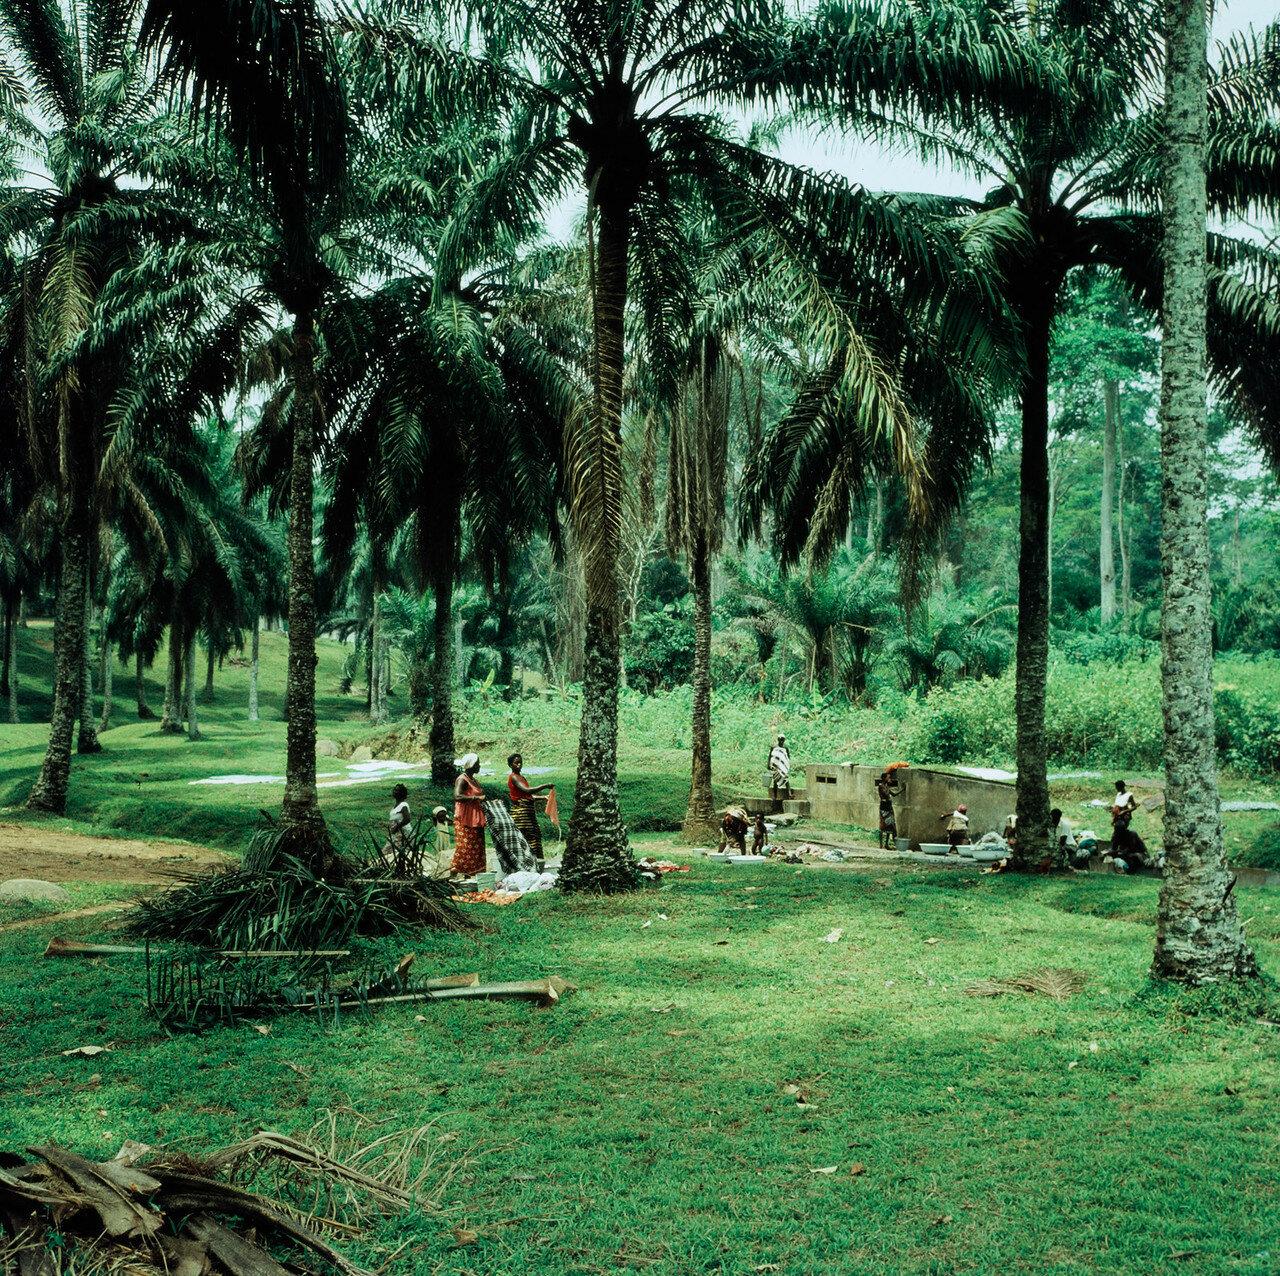 Ода. Женщины за стиркой в пальмовой роще